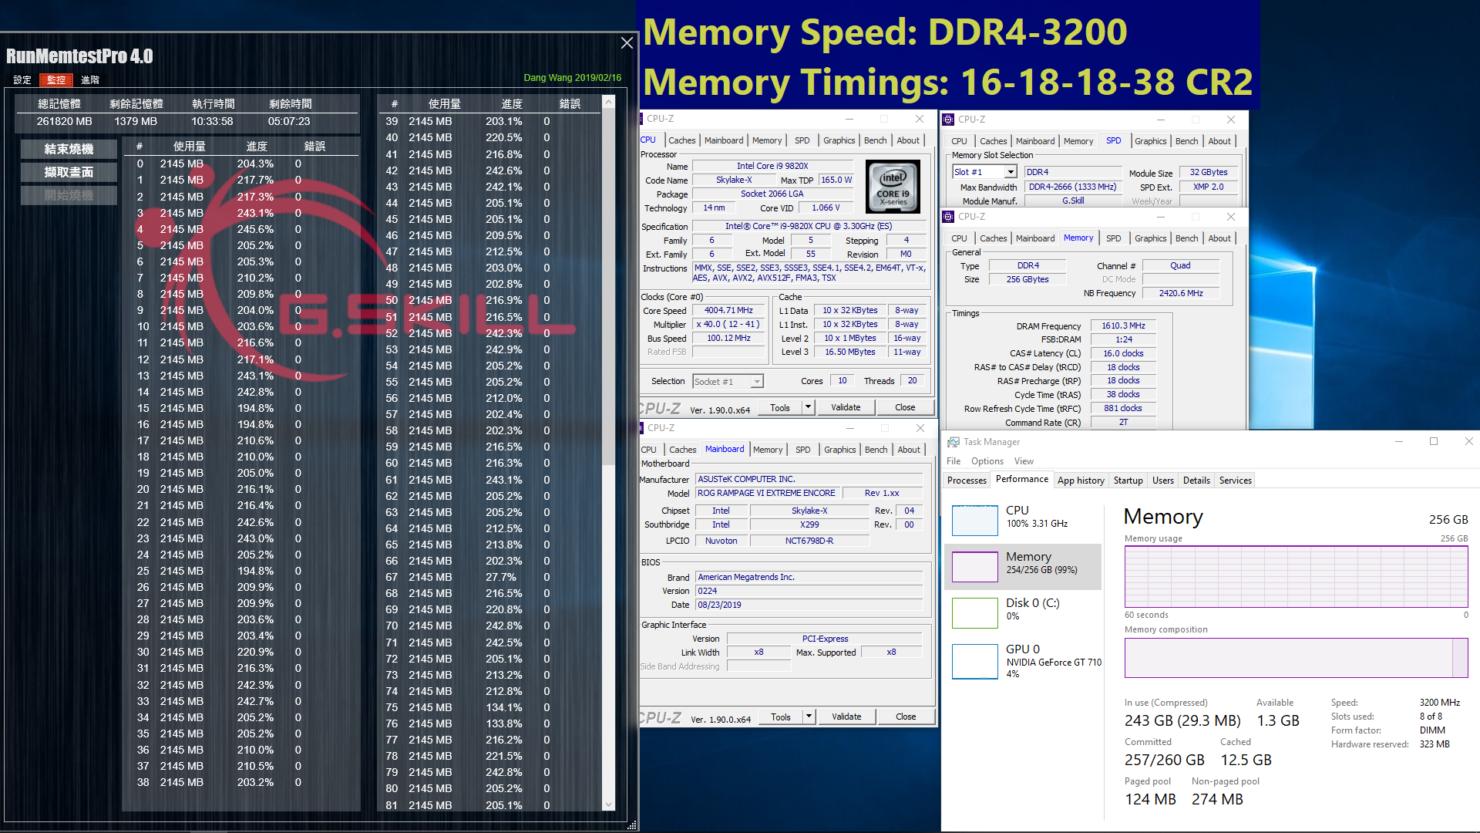 شركة G.Skill تحدث سلاسل ذواكر DDR4 الخاصة بها بسعات جديدة تصل الي 32GB للقطعة الواحدة !!